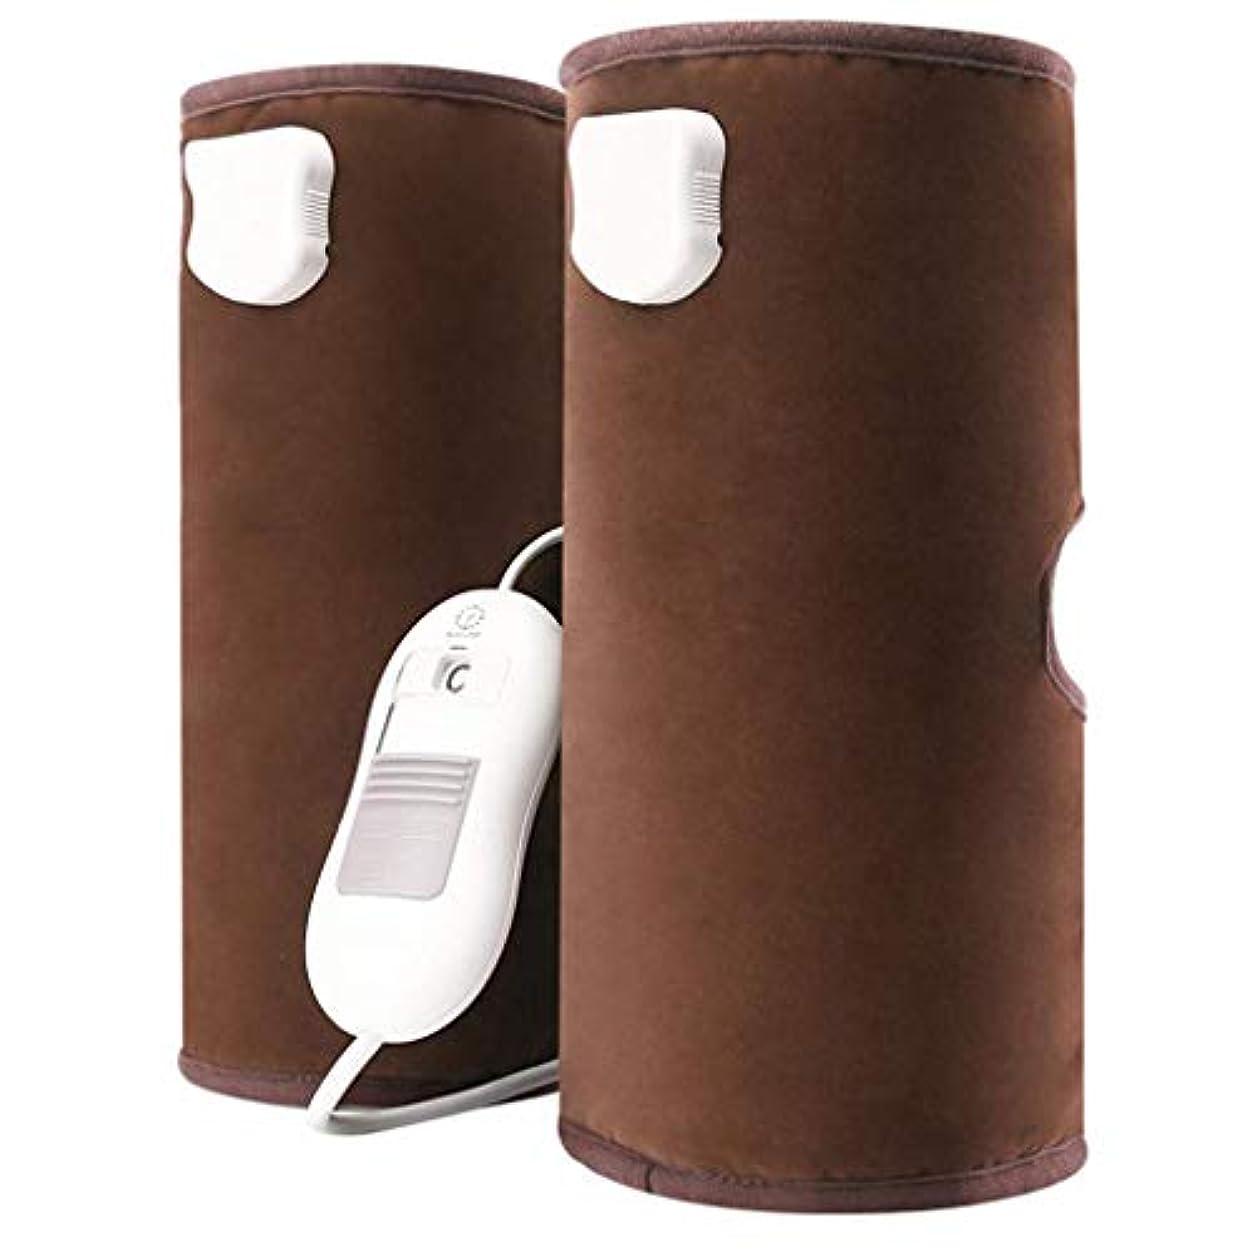 レベル付添人疎外循環と筋肉の痛みを軽減するための電熱膝パッド空気圧縮脚マッサージ、(青、赤、茶色)父の日ギフト,Brown